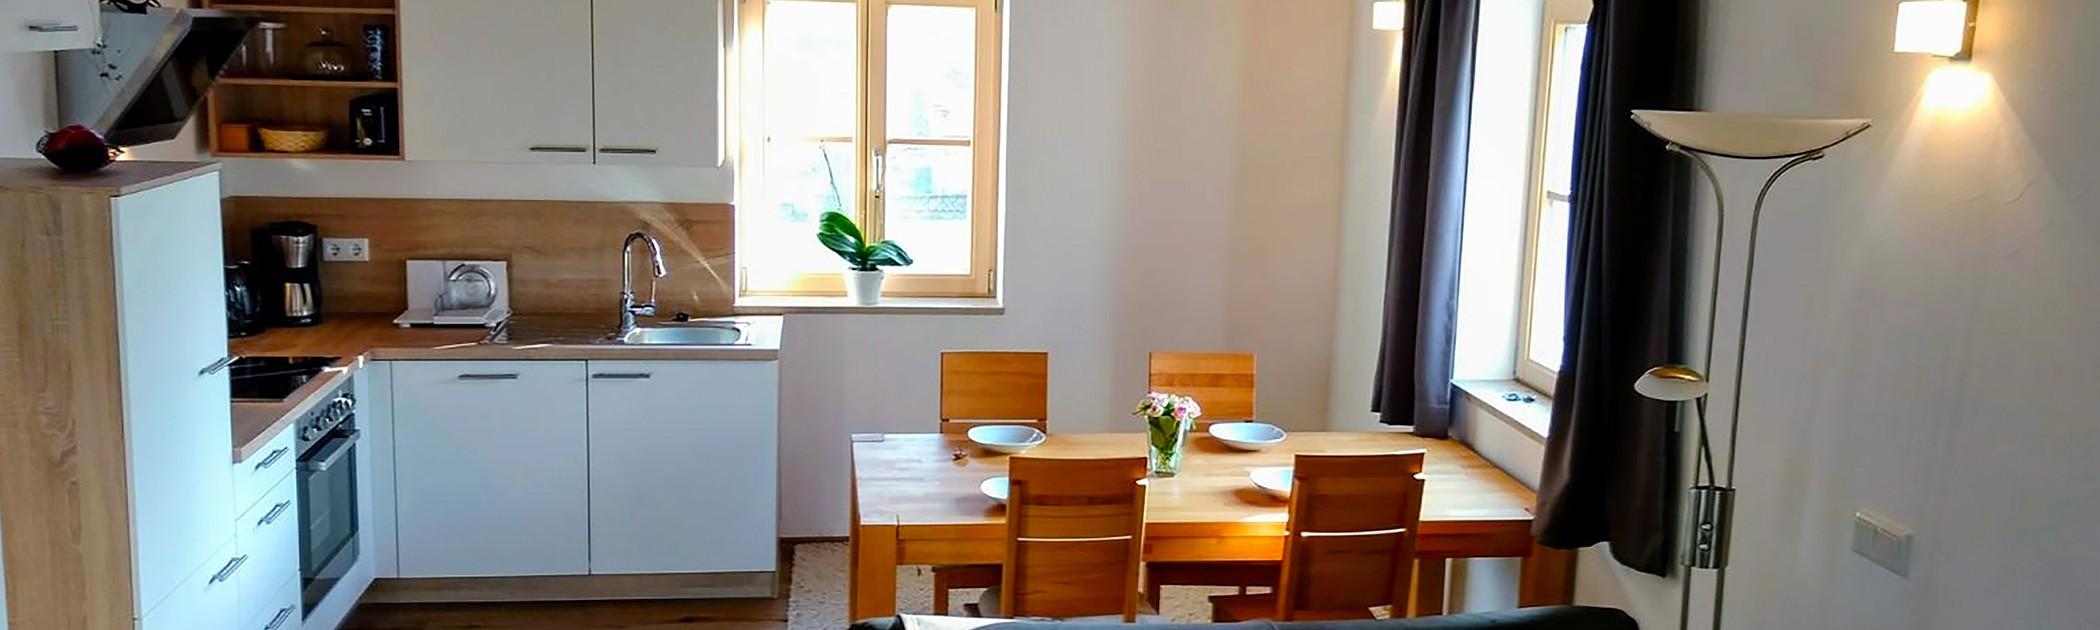 Küche (Ferienwohnung zur Einthaler-Klamm)